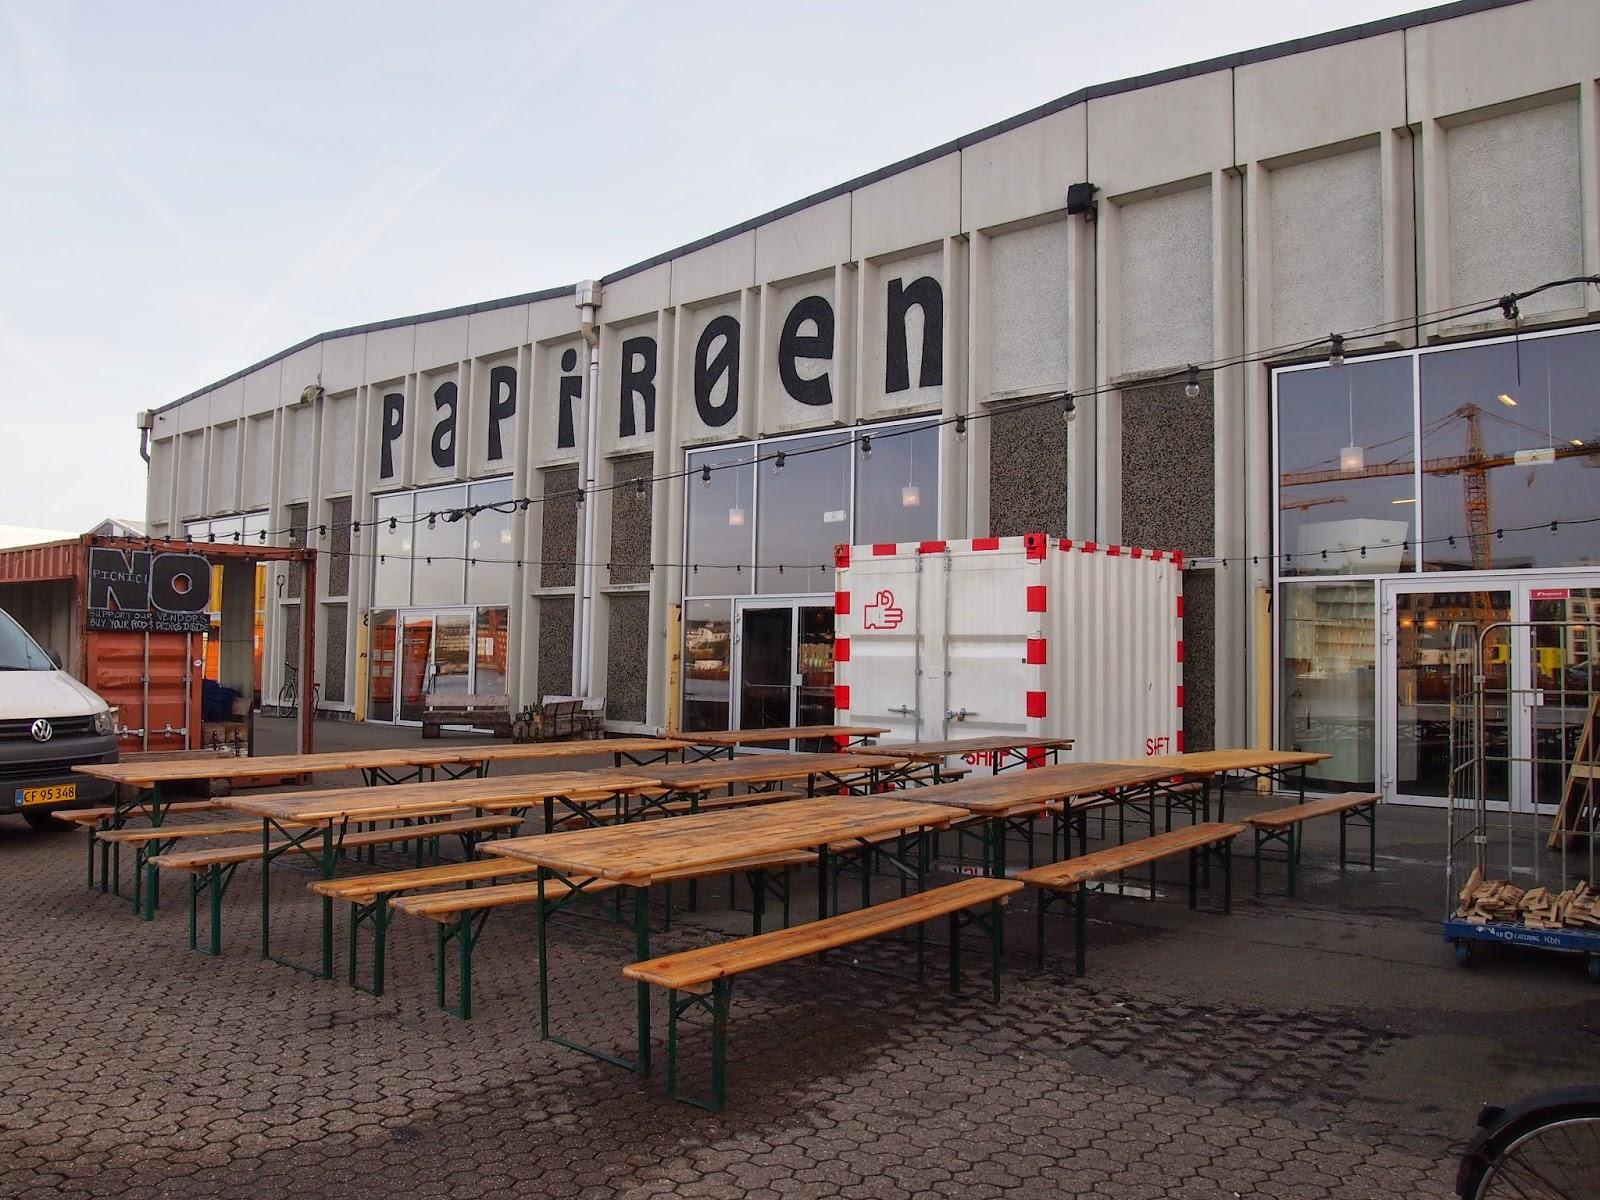 Papiroen street food  market in Copenhagen